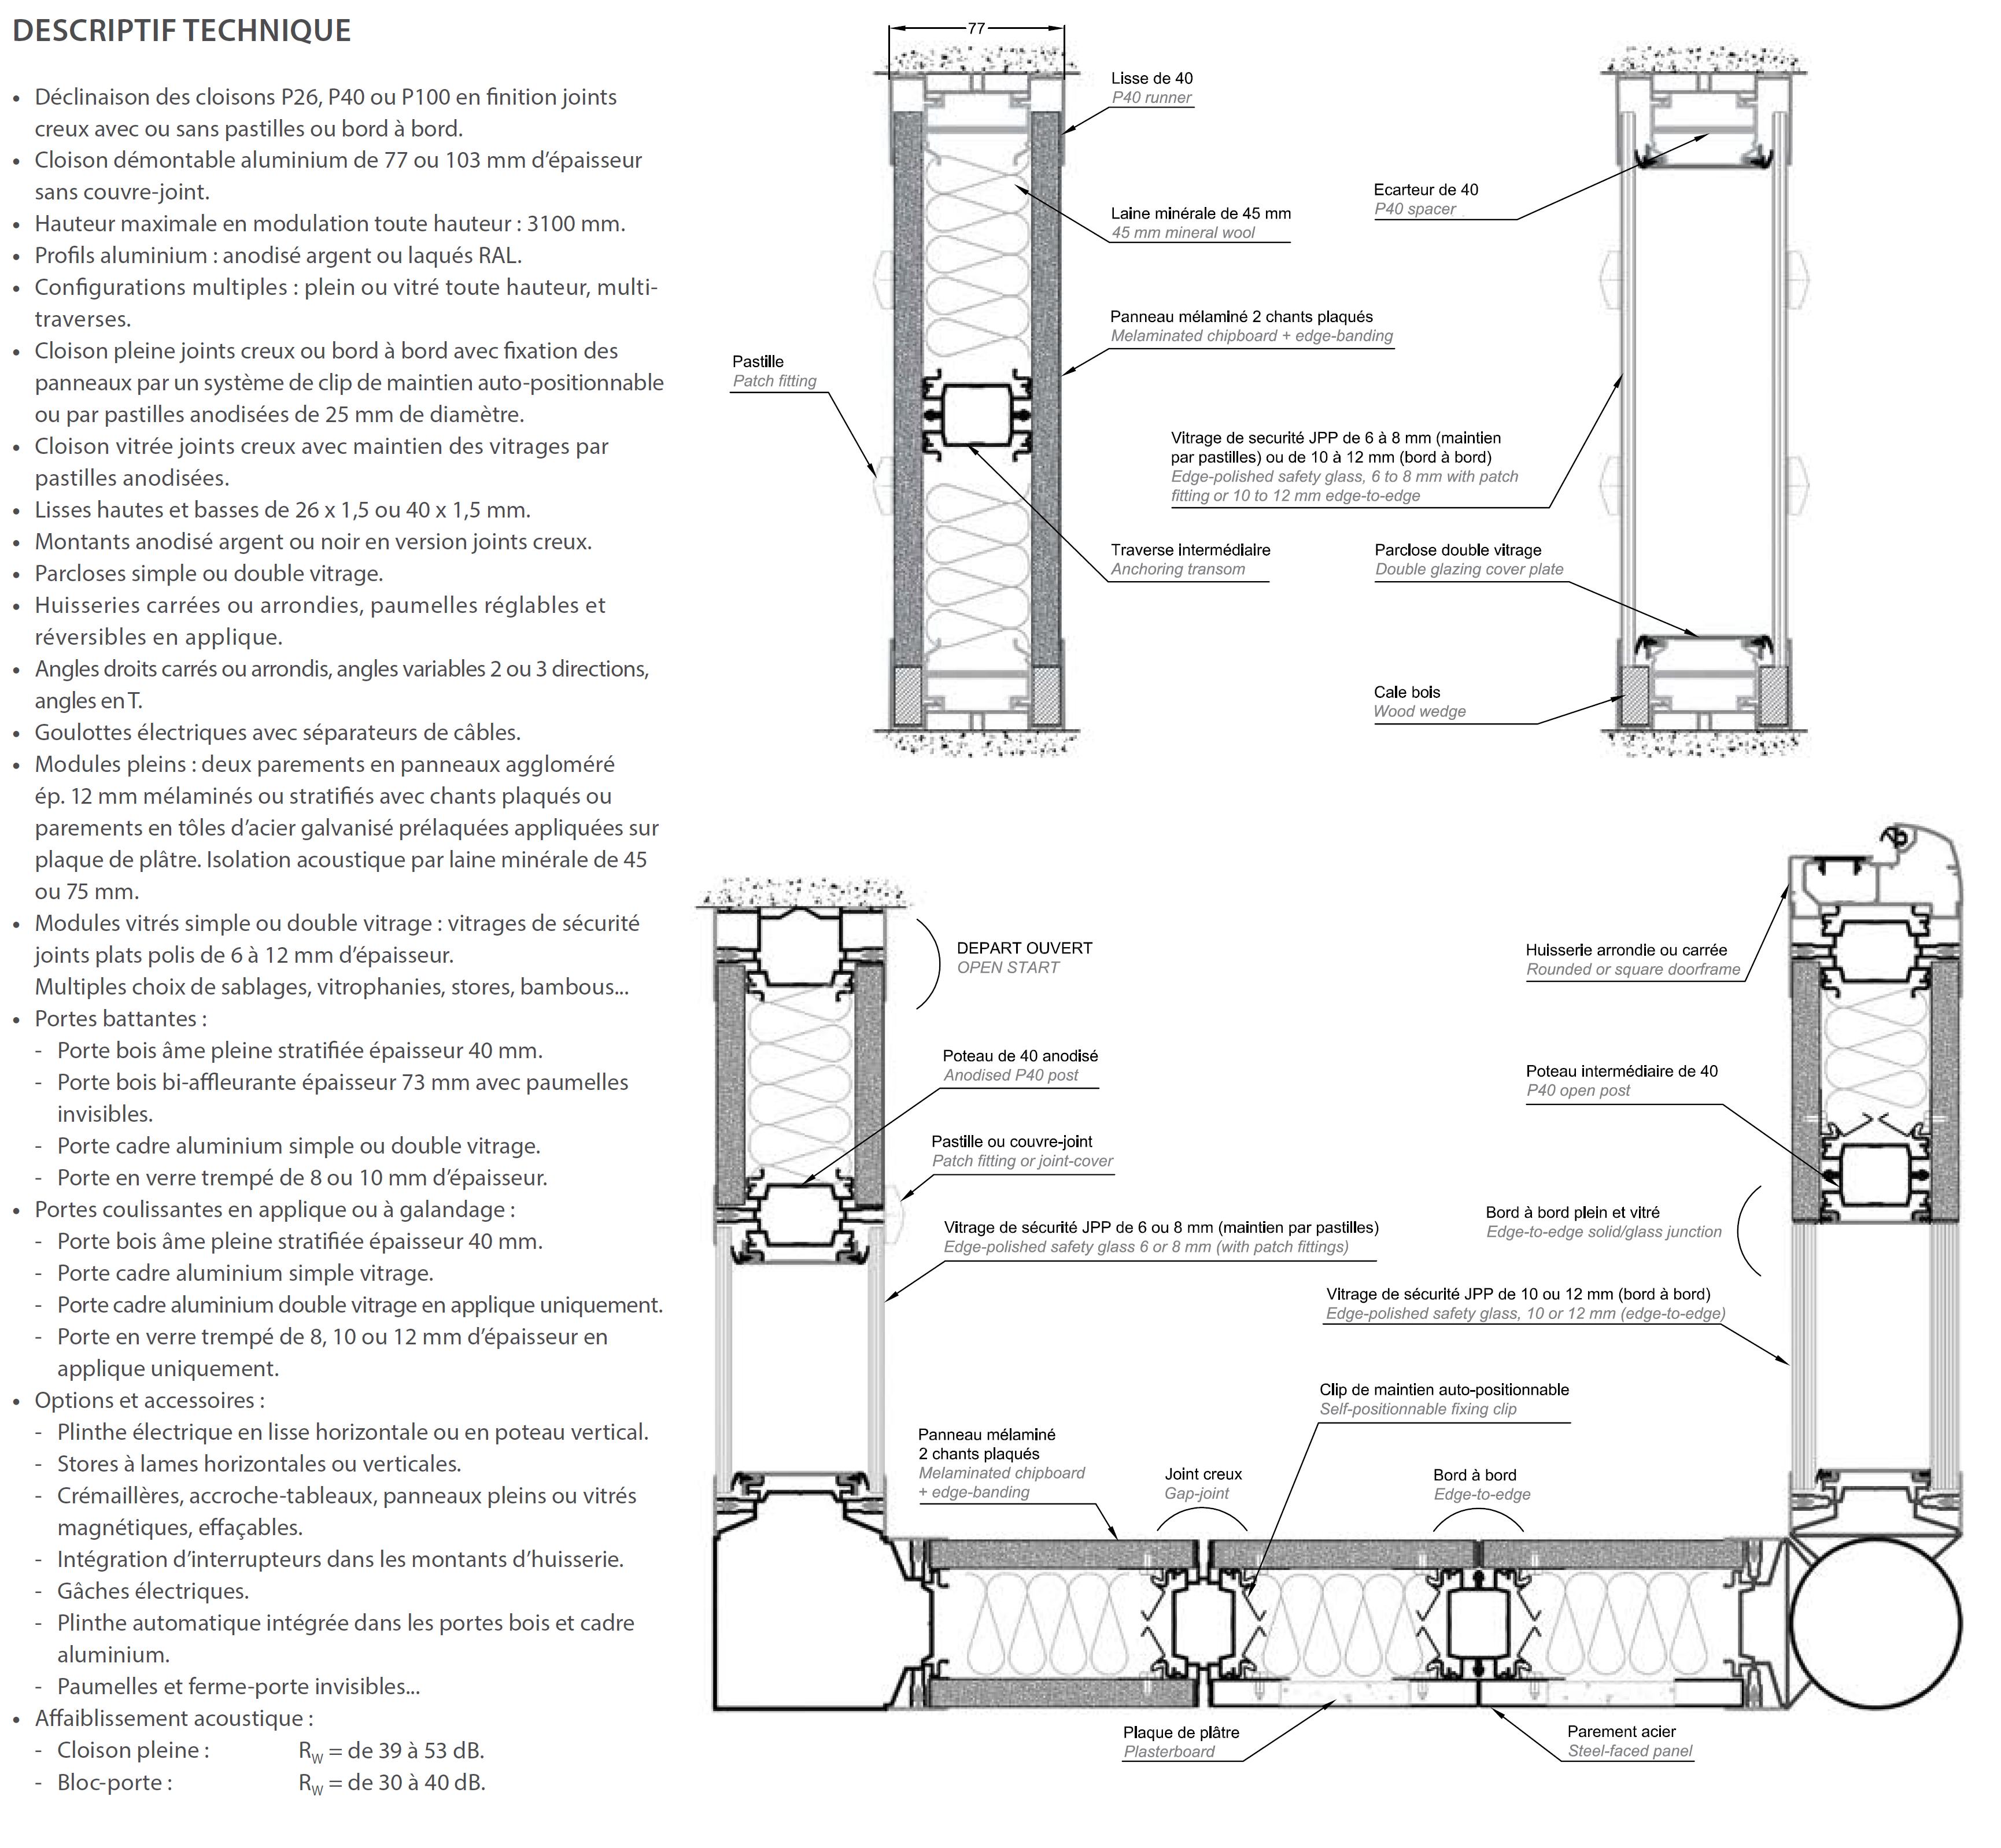 Cloison bords à bords / joints creux